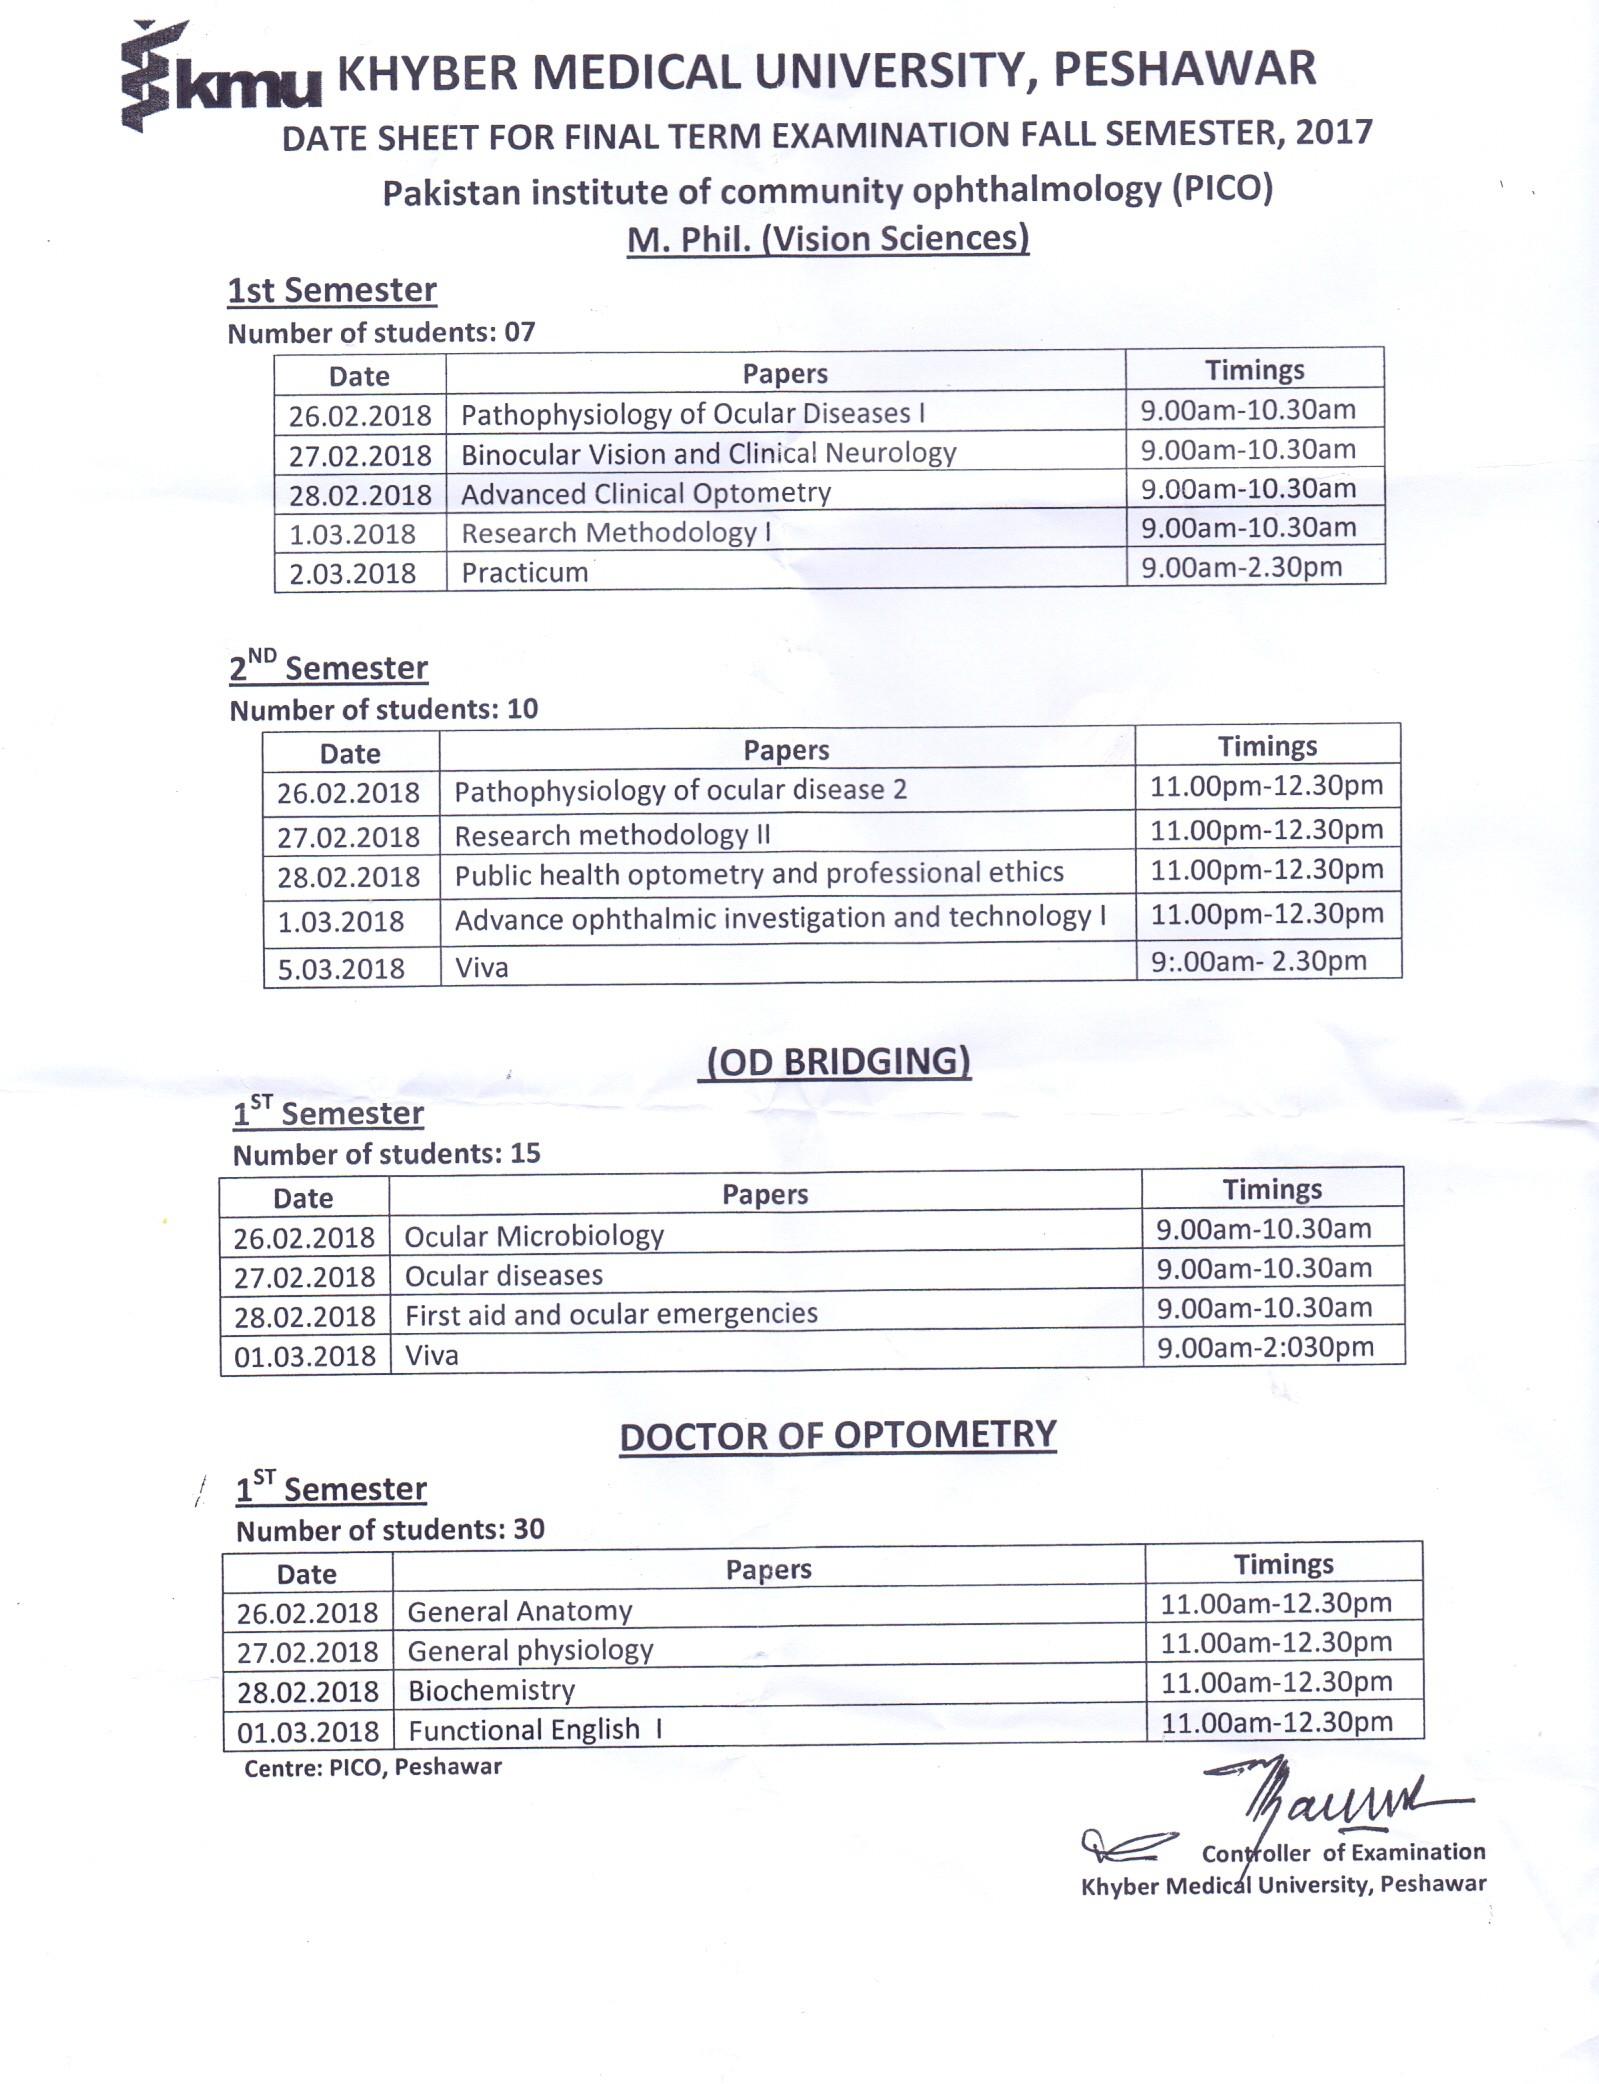 Date Sheet Mphil OD Bridging